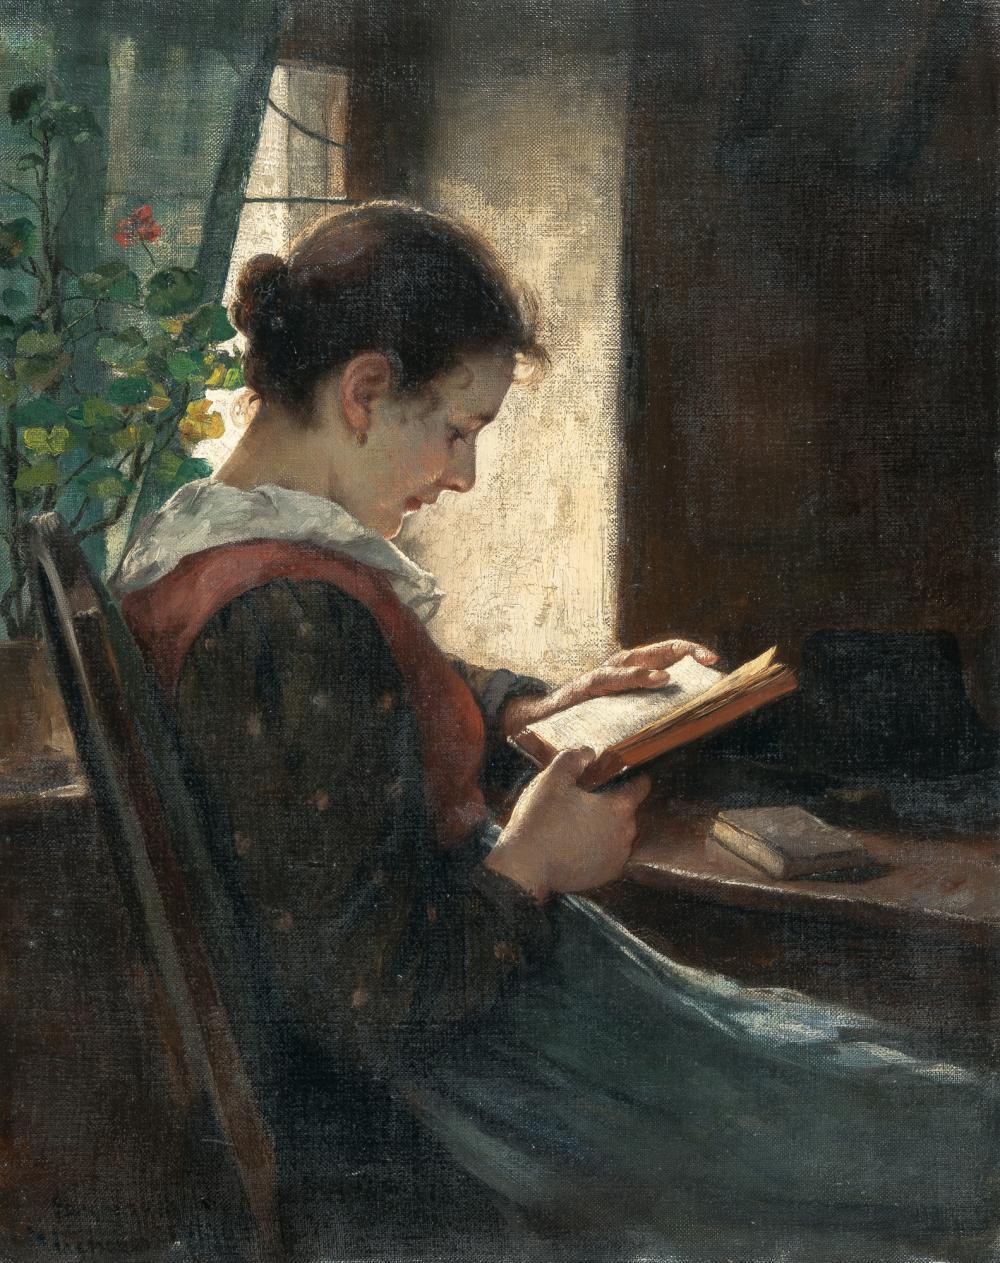 Emma Von Müller – Bauernmädchen lesend am Tisch